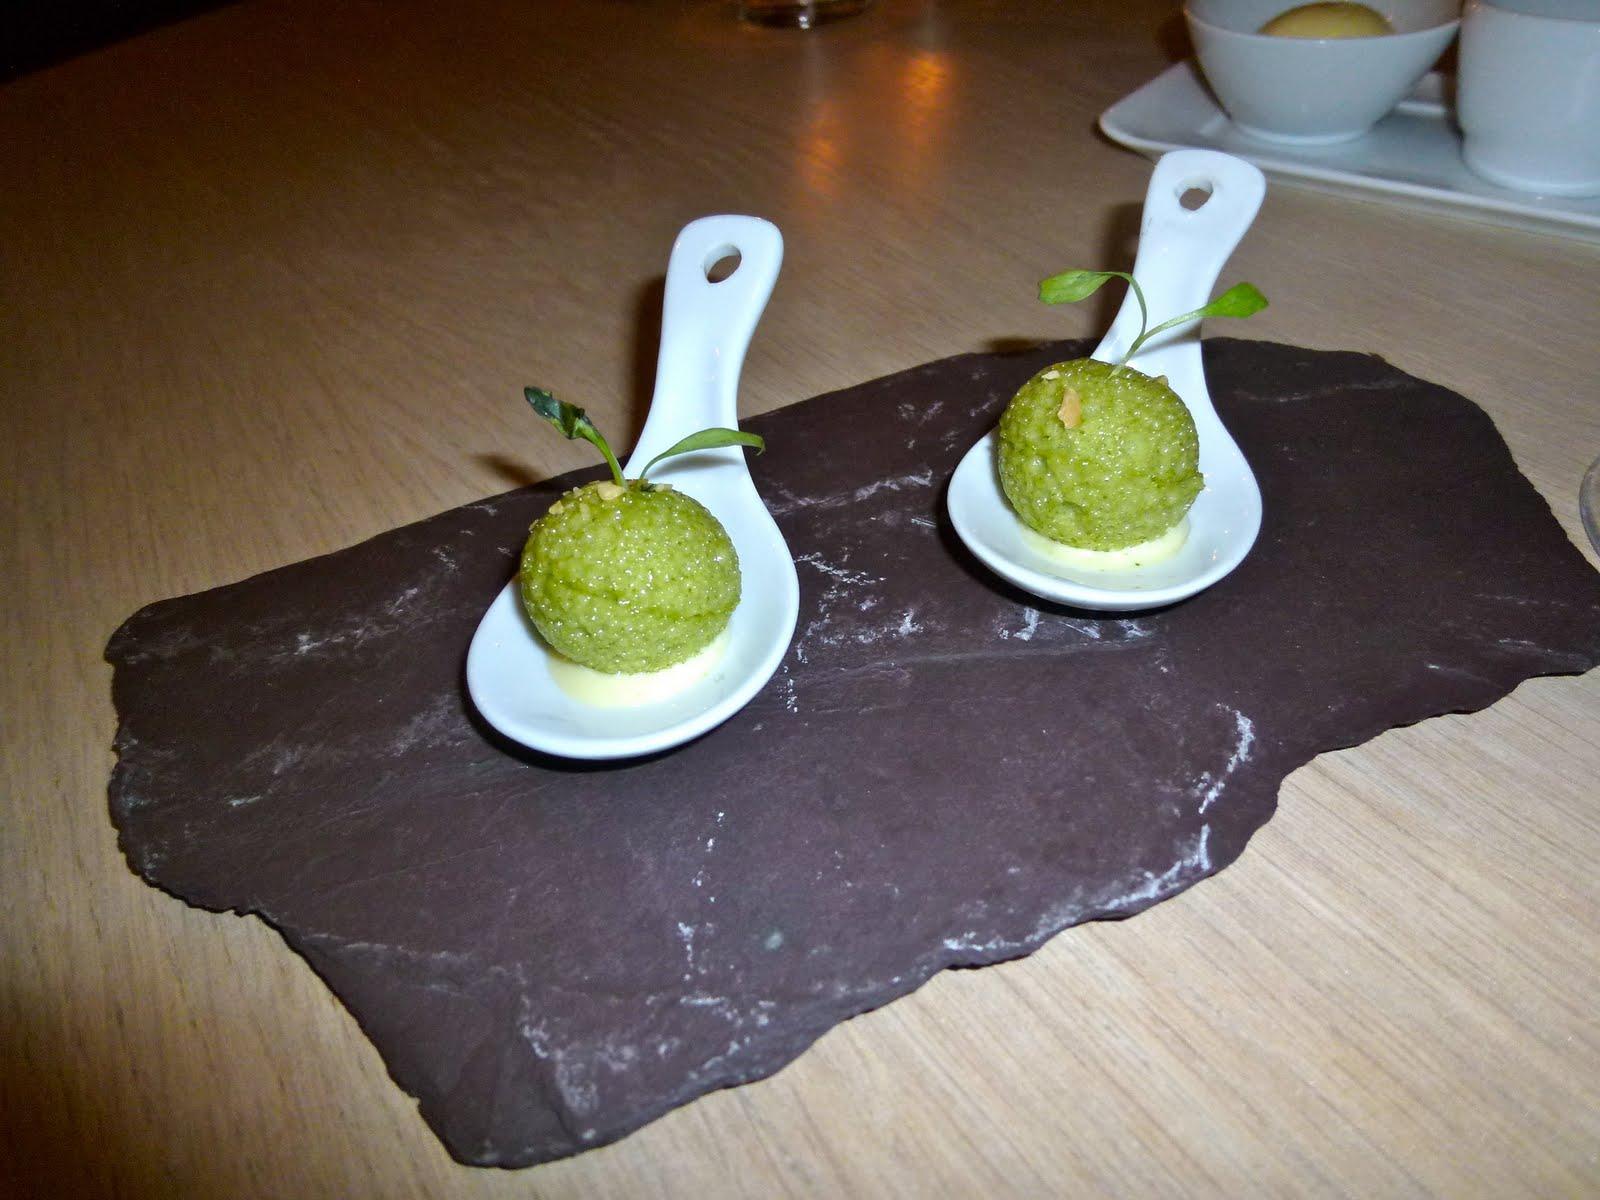 Restaurantrecensies van Carla; restaurantbelevingen: september 2011